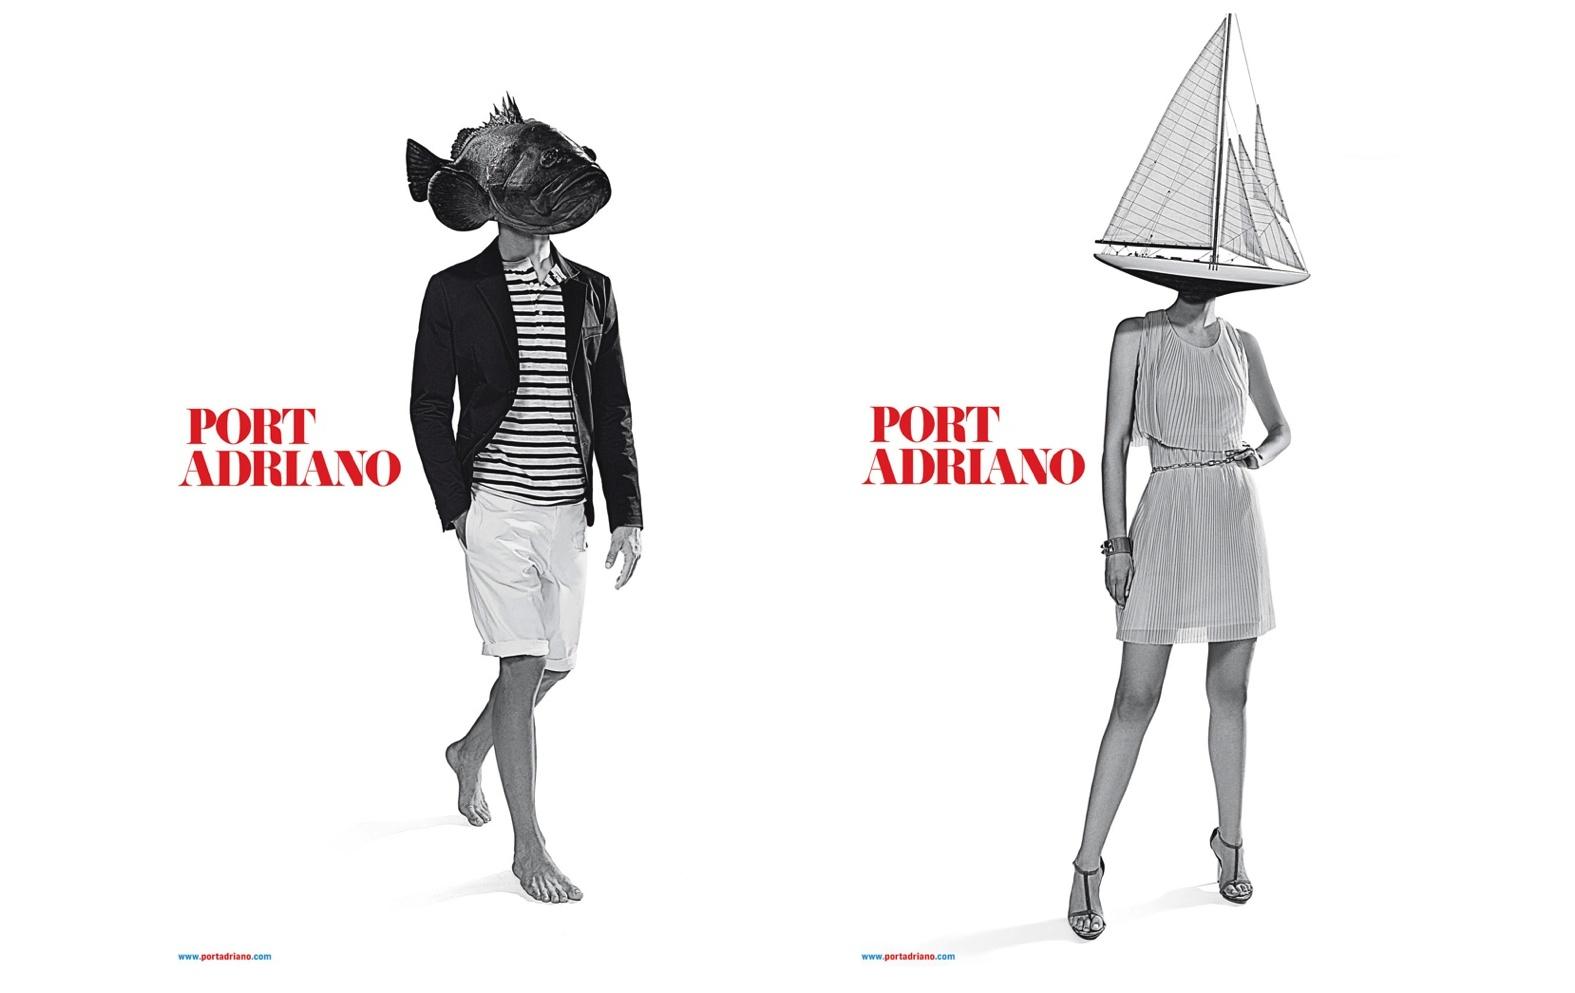 PORT ADRIANO CAMPAIGN